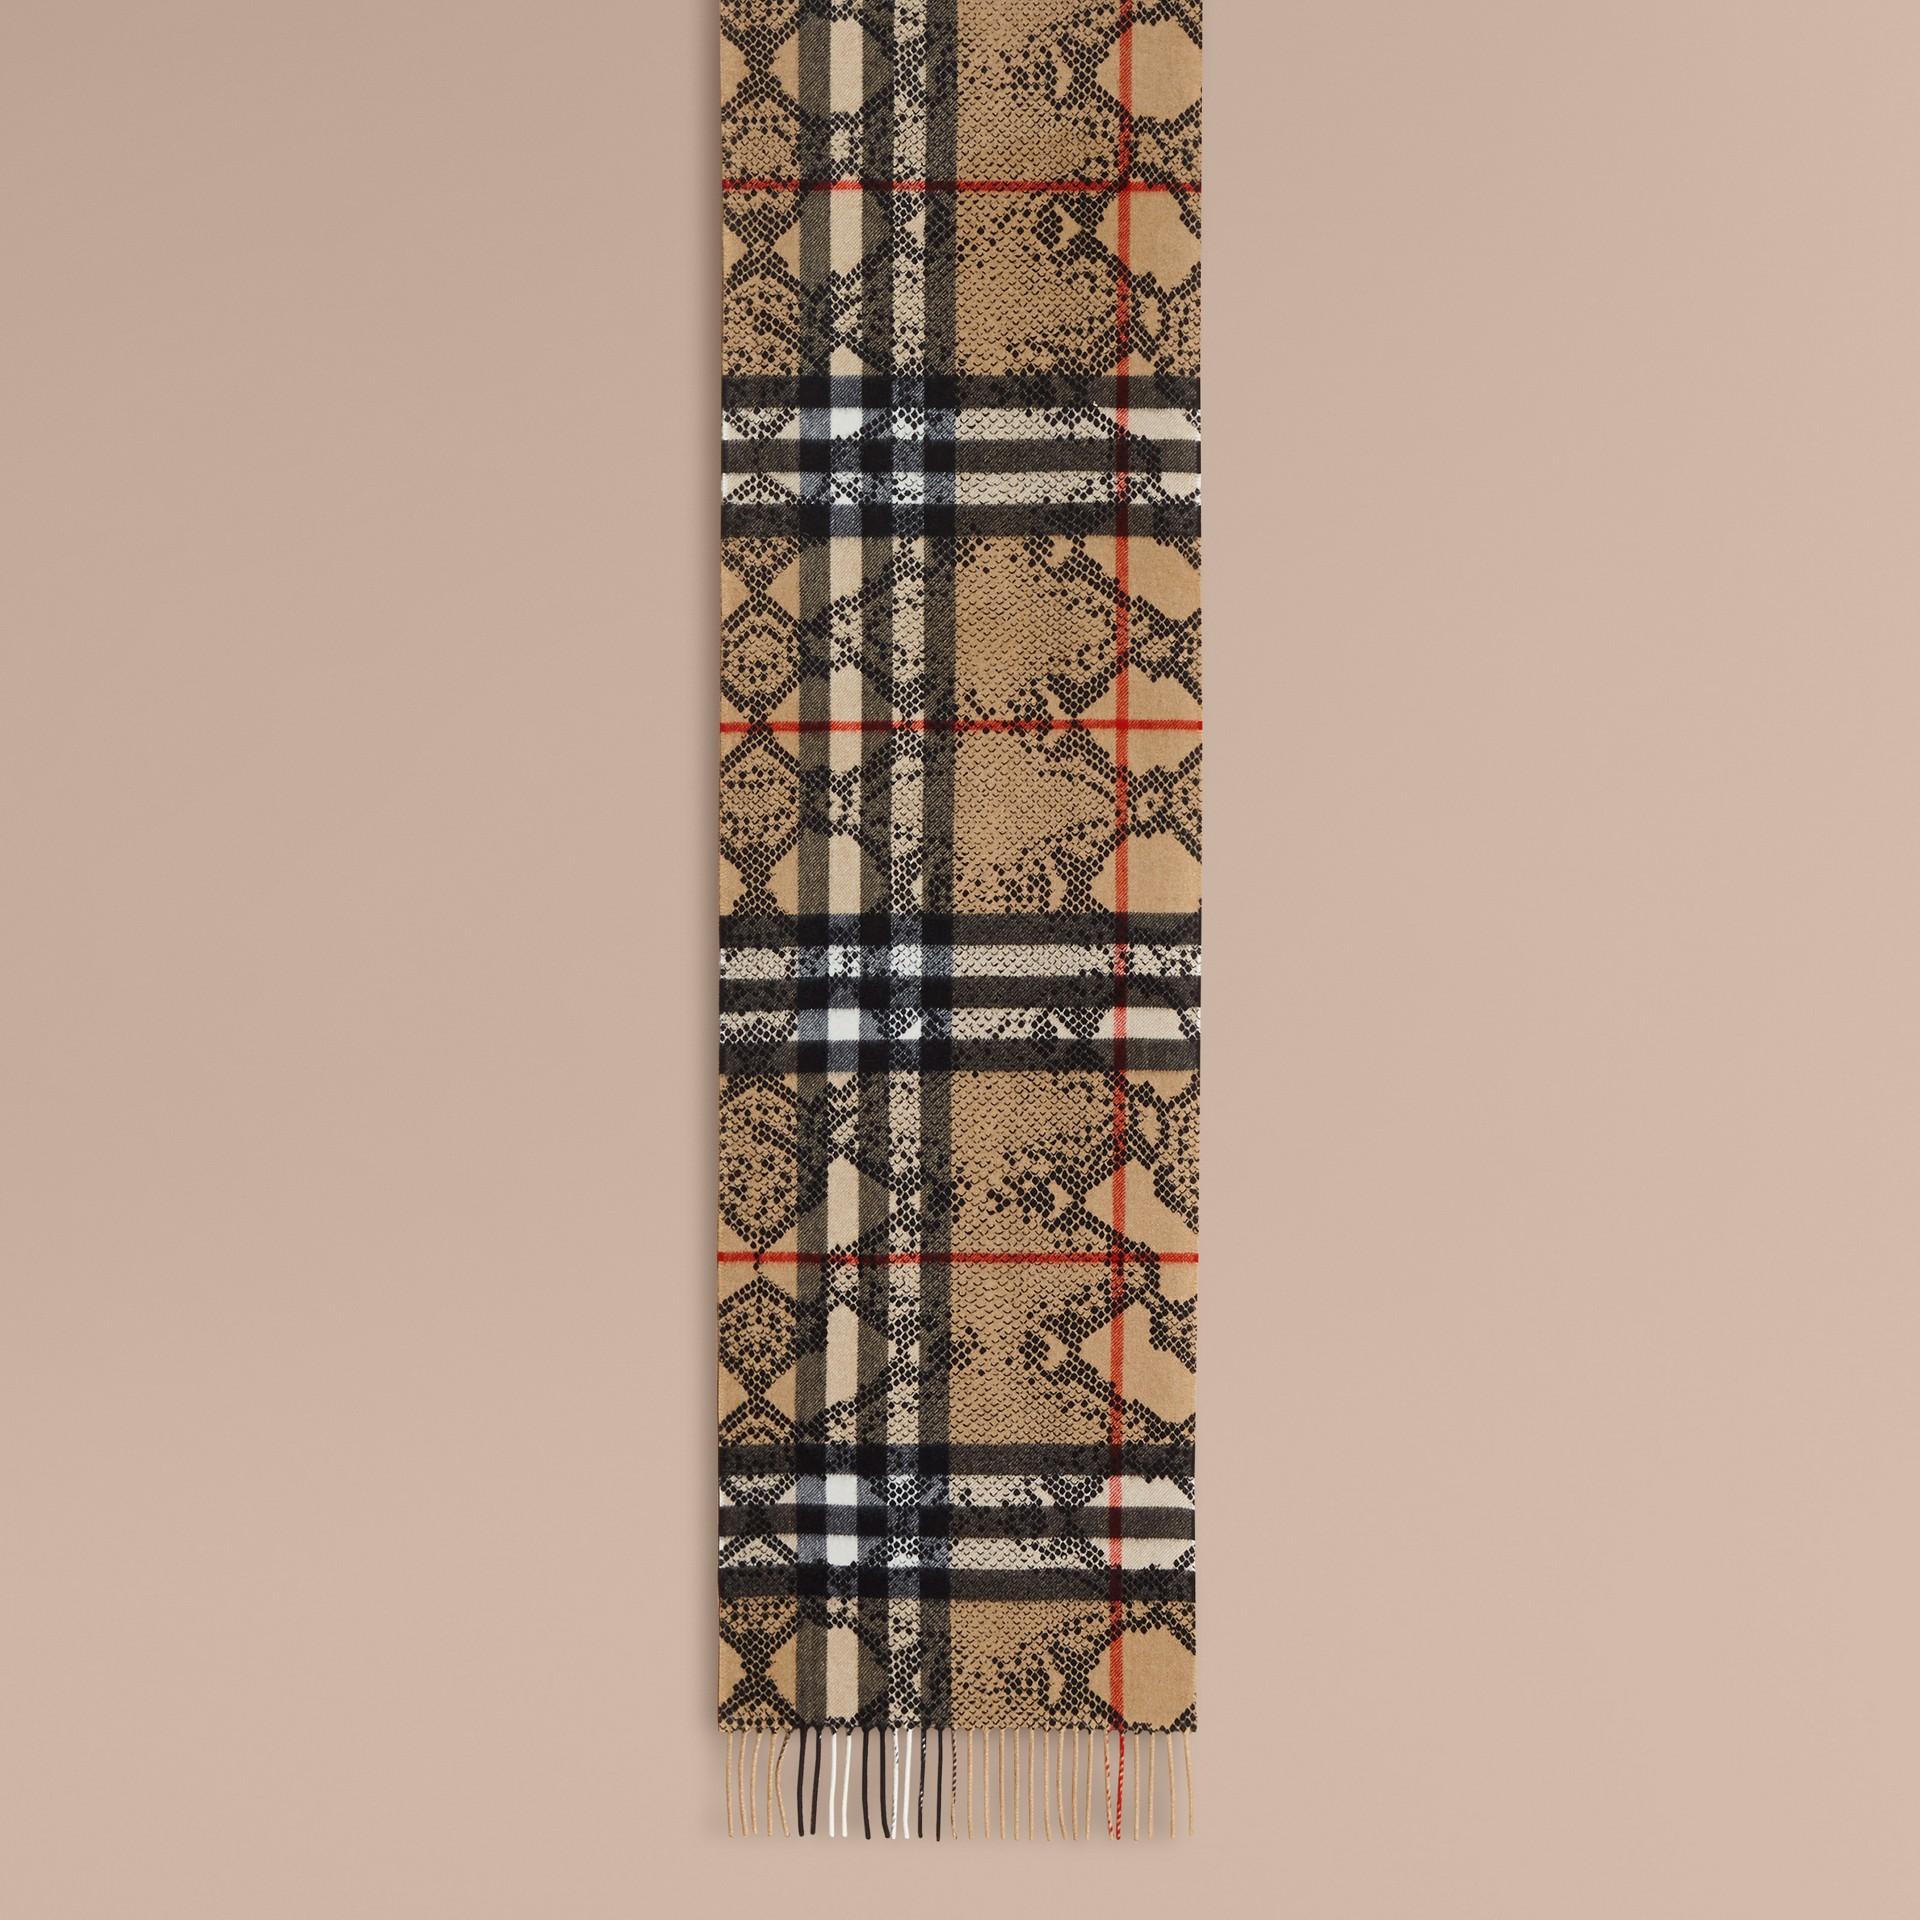 キャメル/ブラック クラシック カシミアスカーフ イン チェック&パイソンプリント - ギャラリーイメージ 2